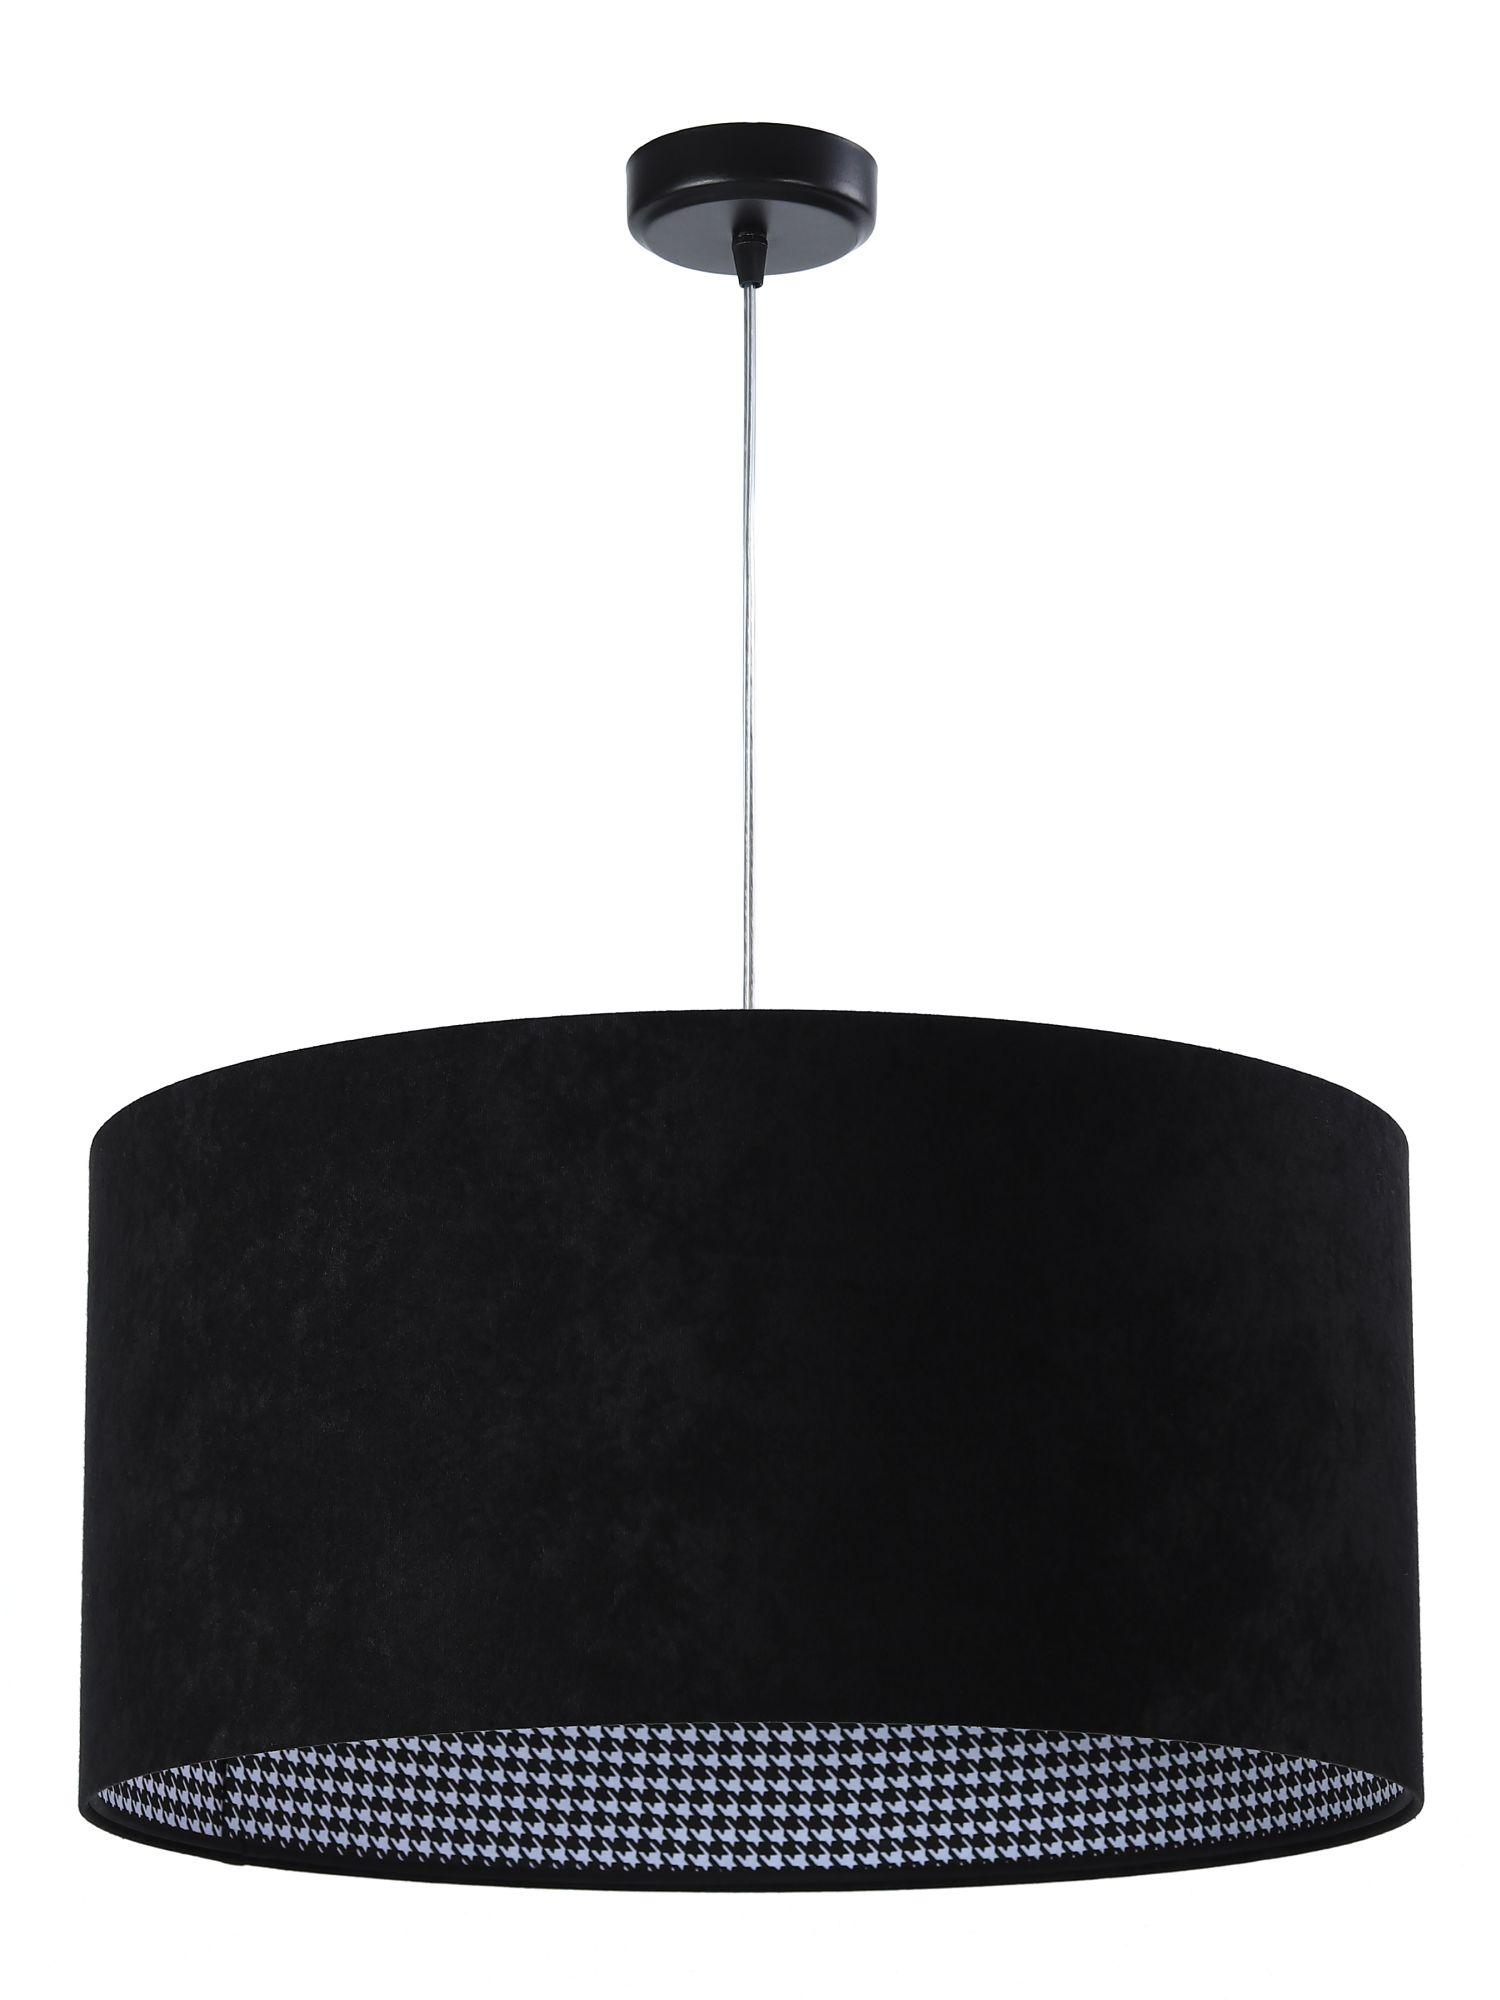 Pendelleuchte Esszimmerlampe Schwarz Weiß Muster